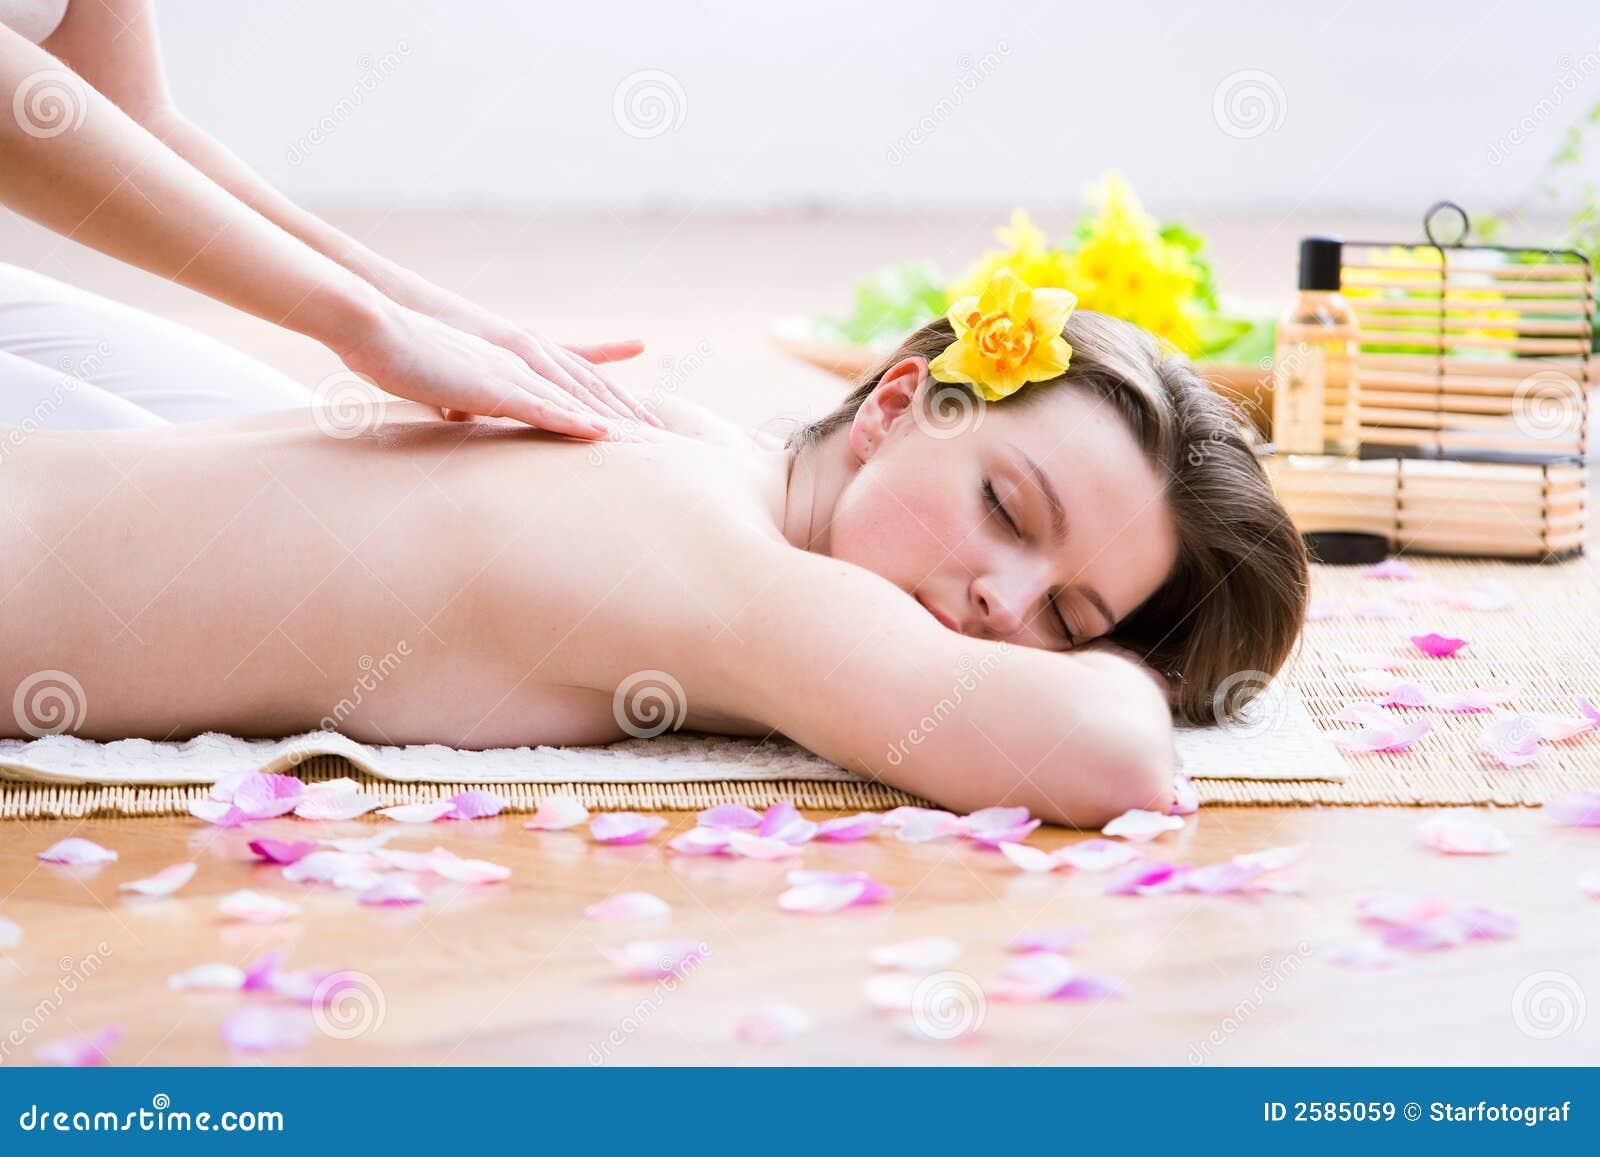 Тайский массаж в купчино 16 фотография